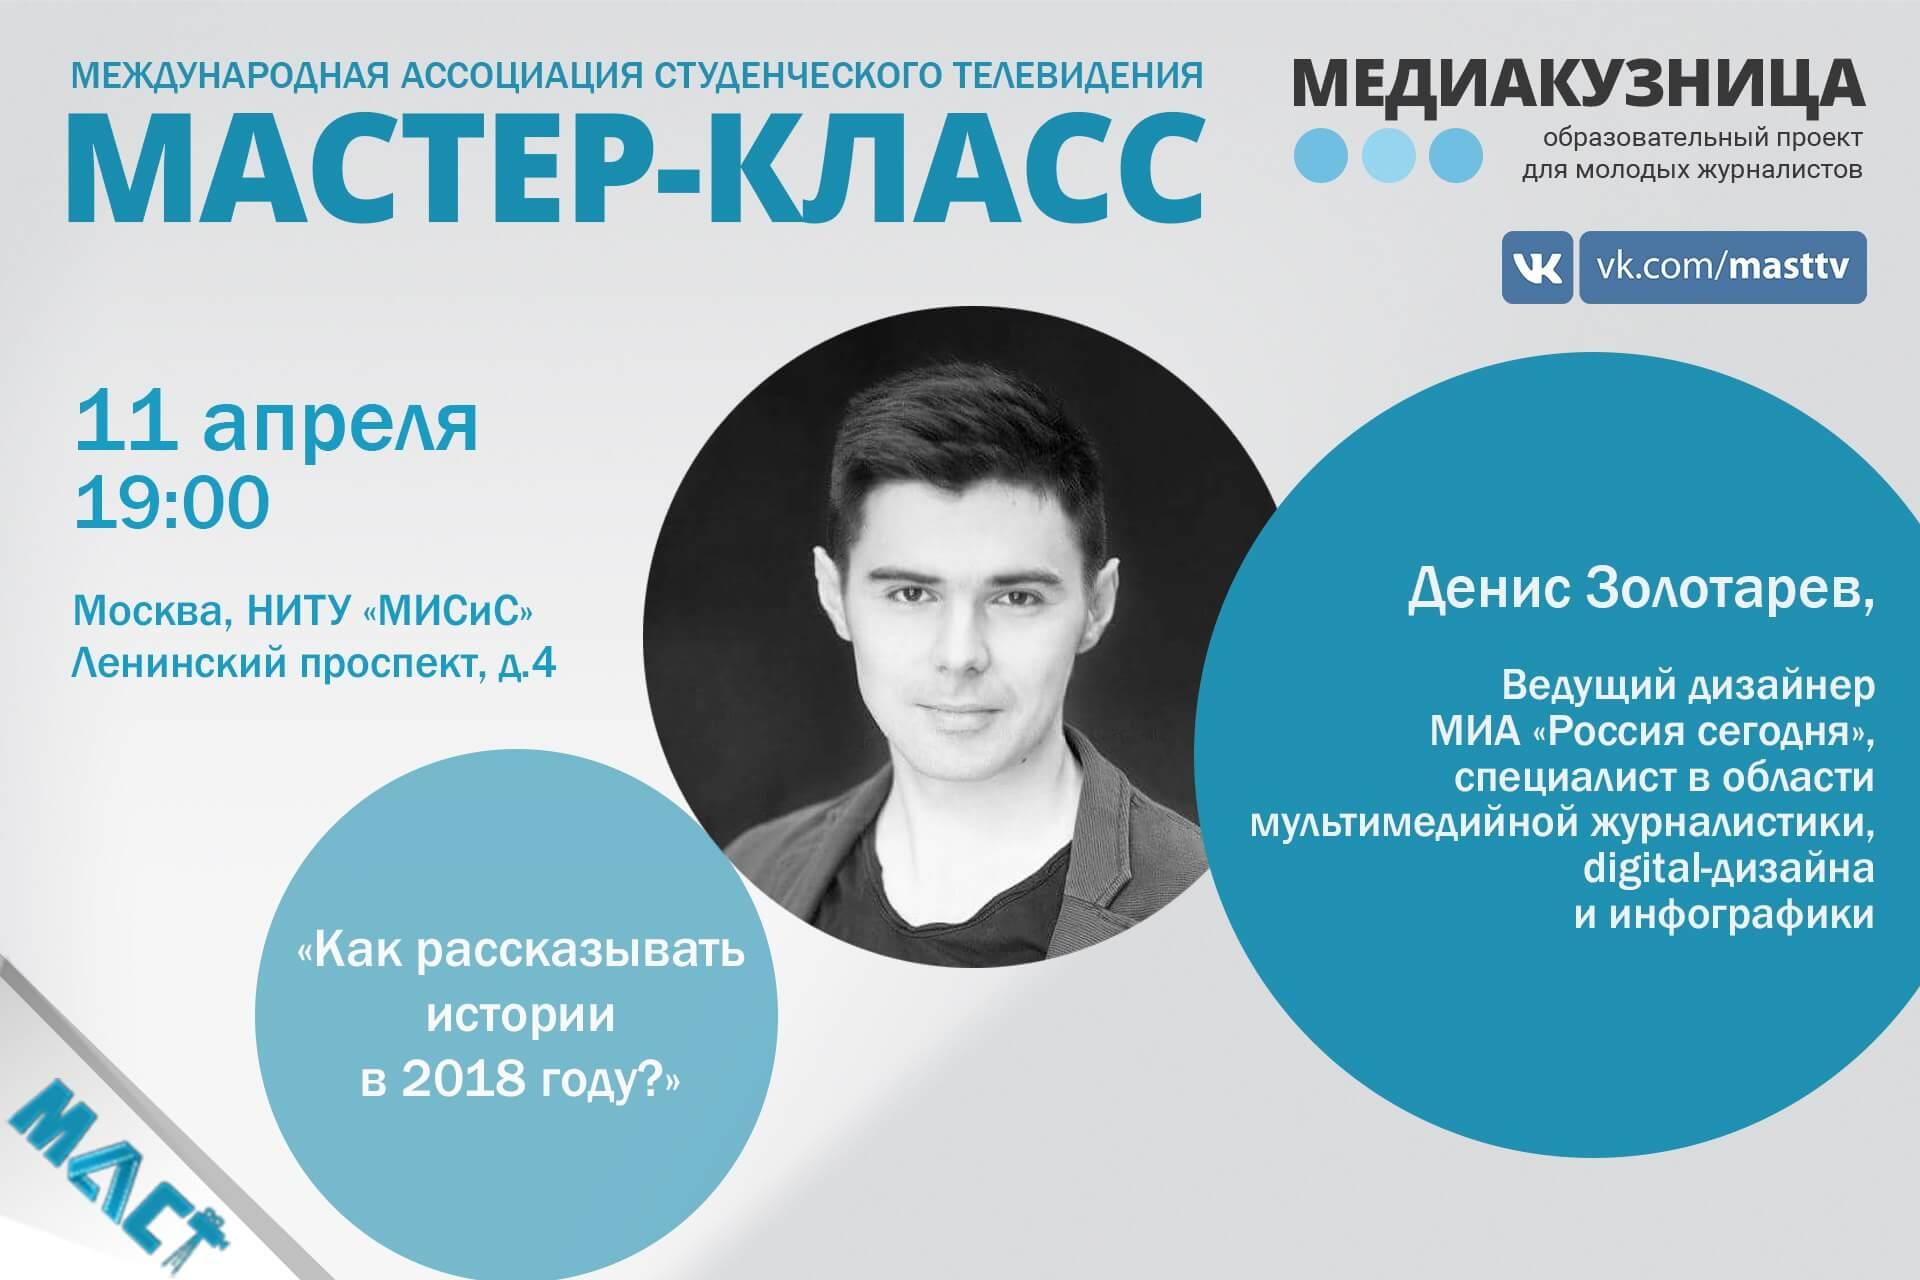 Мастер-класс Дениса Золотарева «Медиадизайн и как его использовать, чтобы рассказать историю в 2018 году»